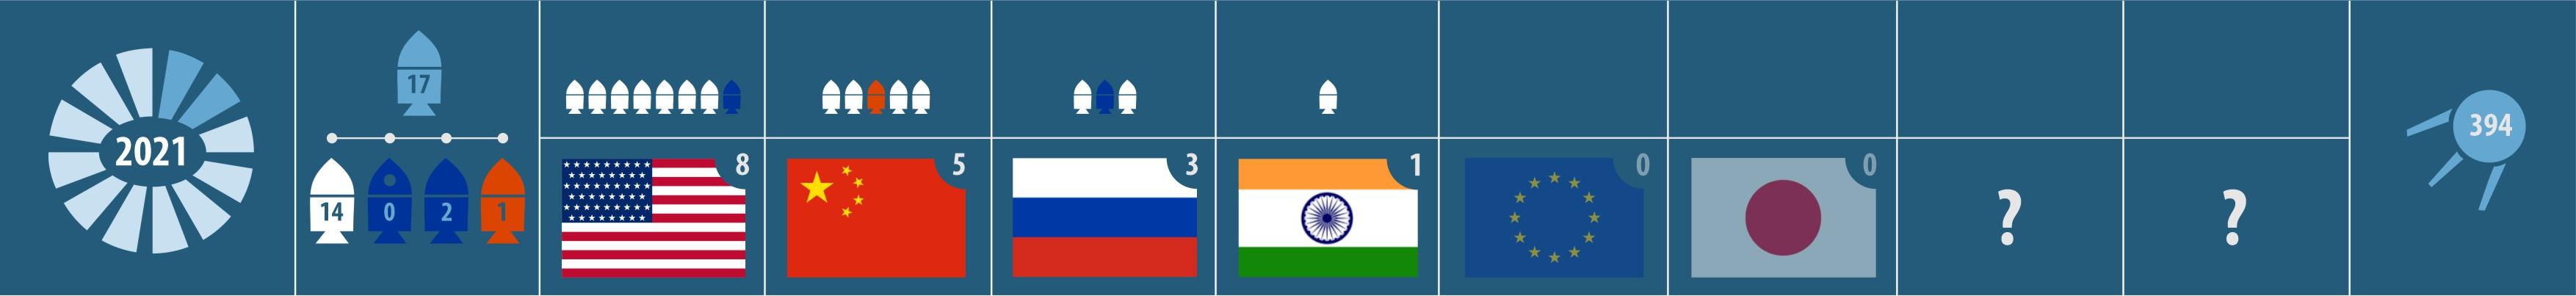 Февраль 2021. Орбитальные запуски. США, Китай, Россия, Индия